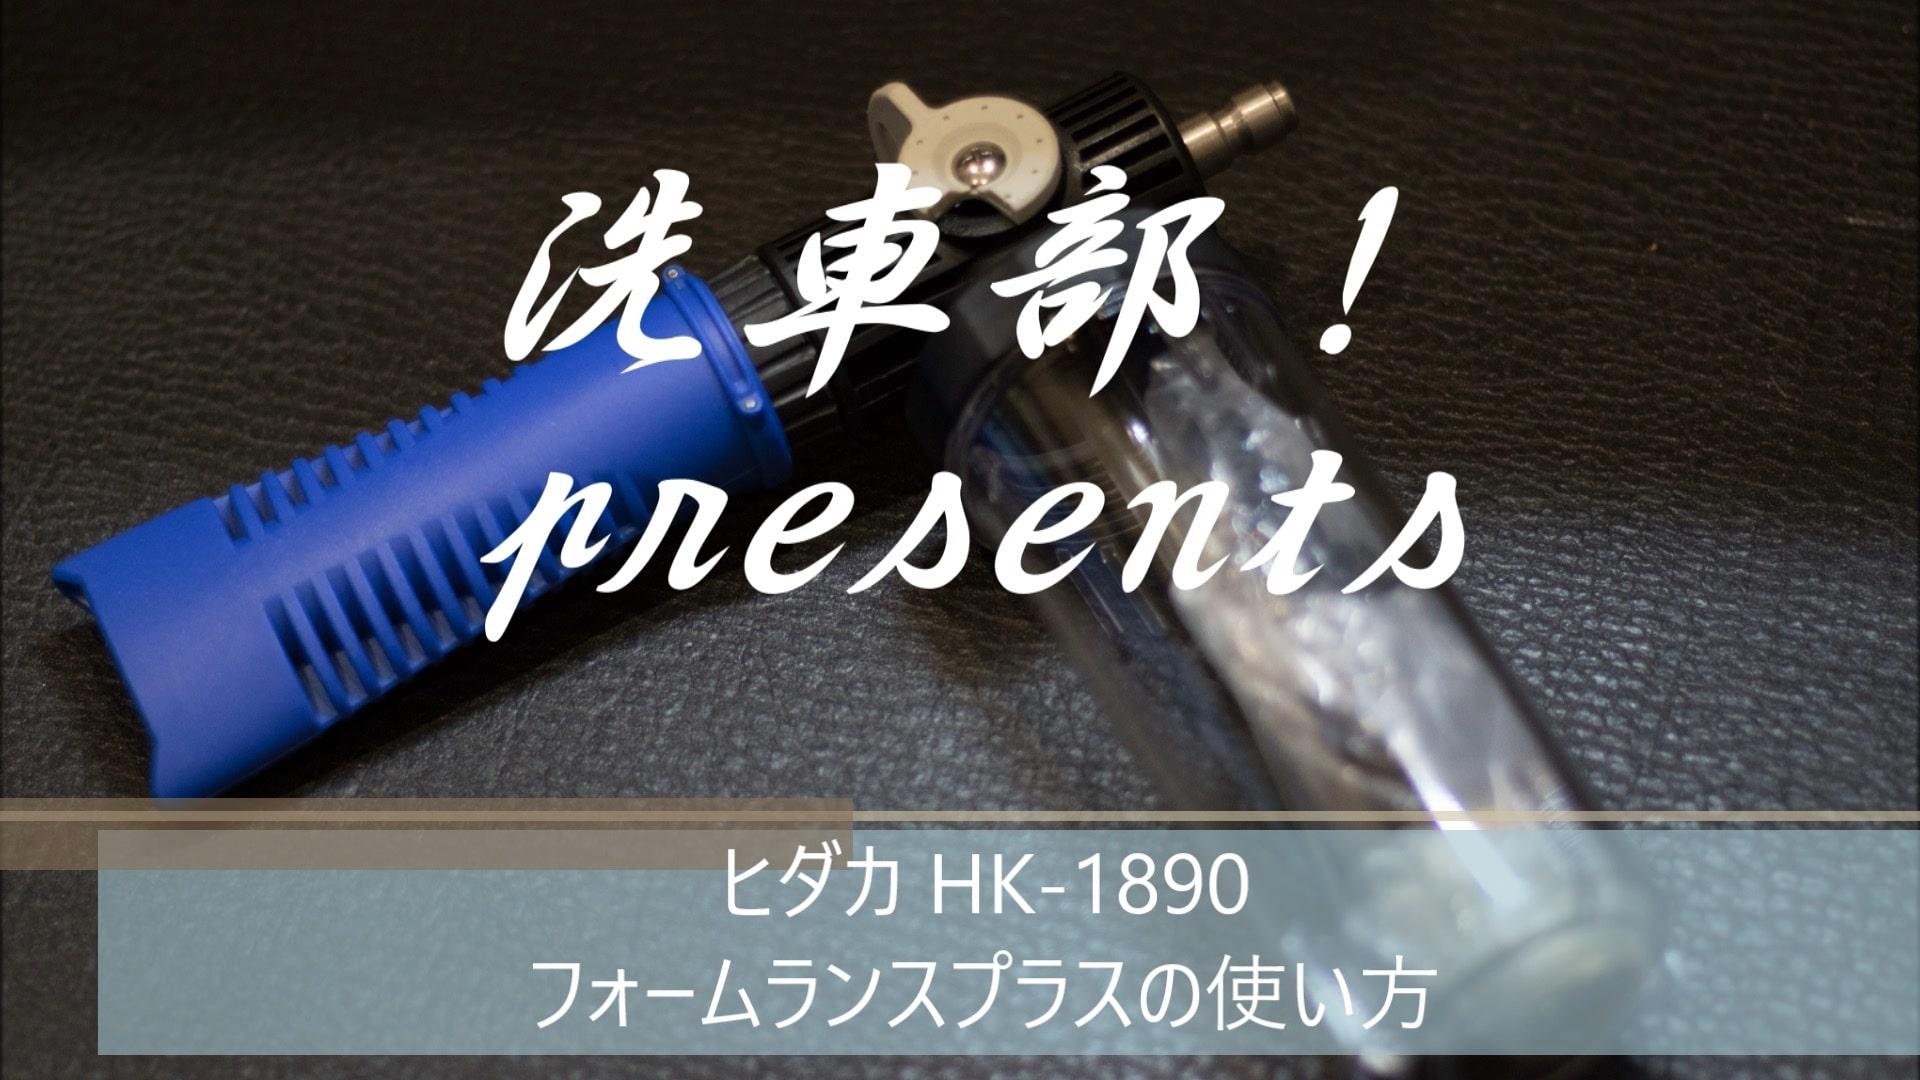 ヒダカ HK-1890 高圧洗浄機 フォームランスプラスの使い方(動画あり)